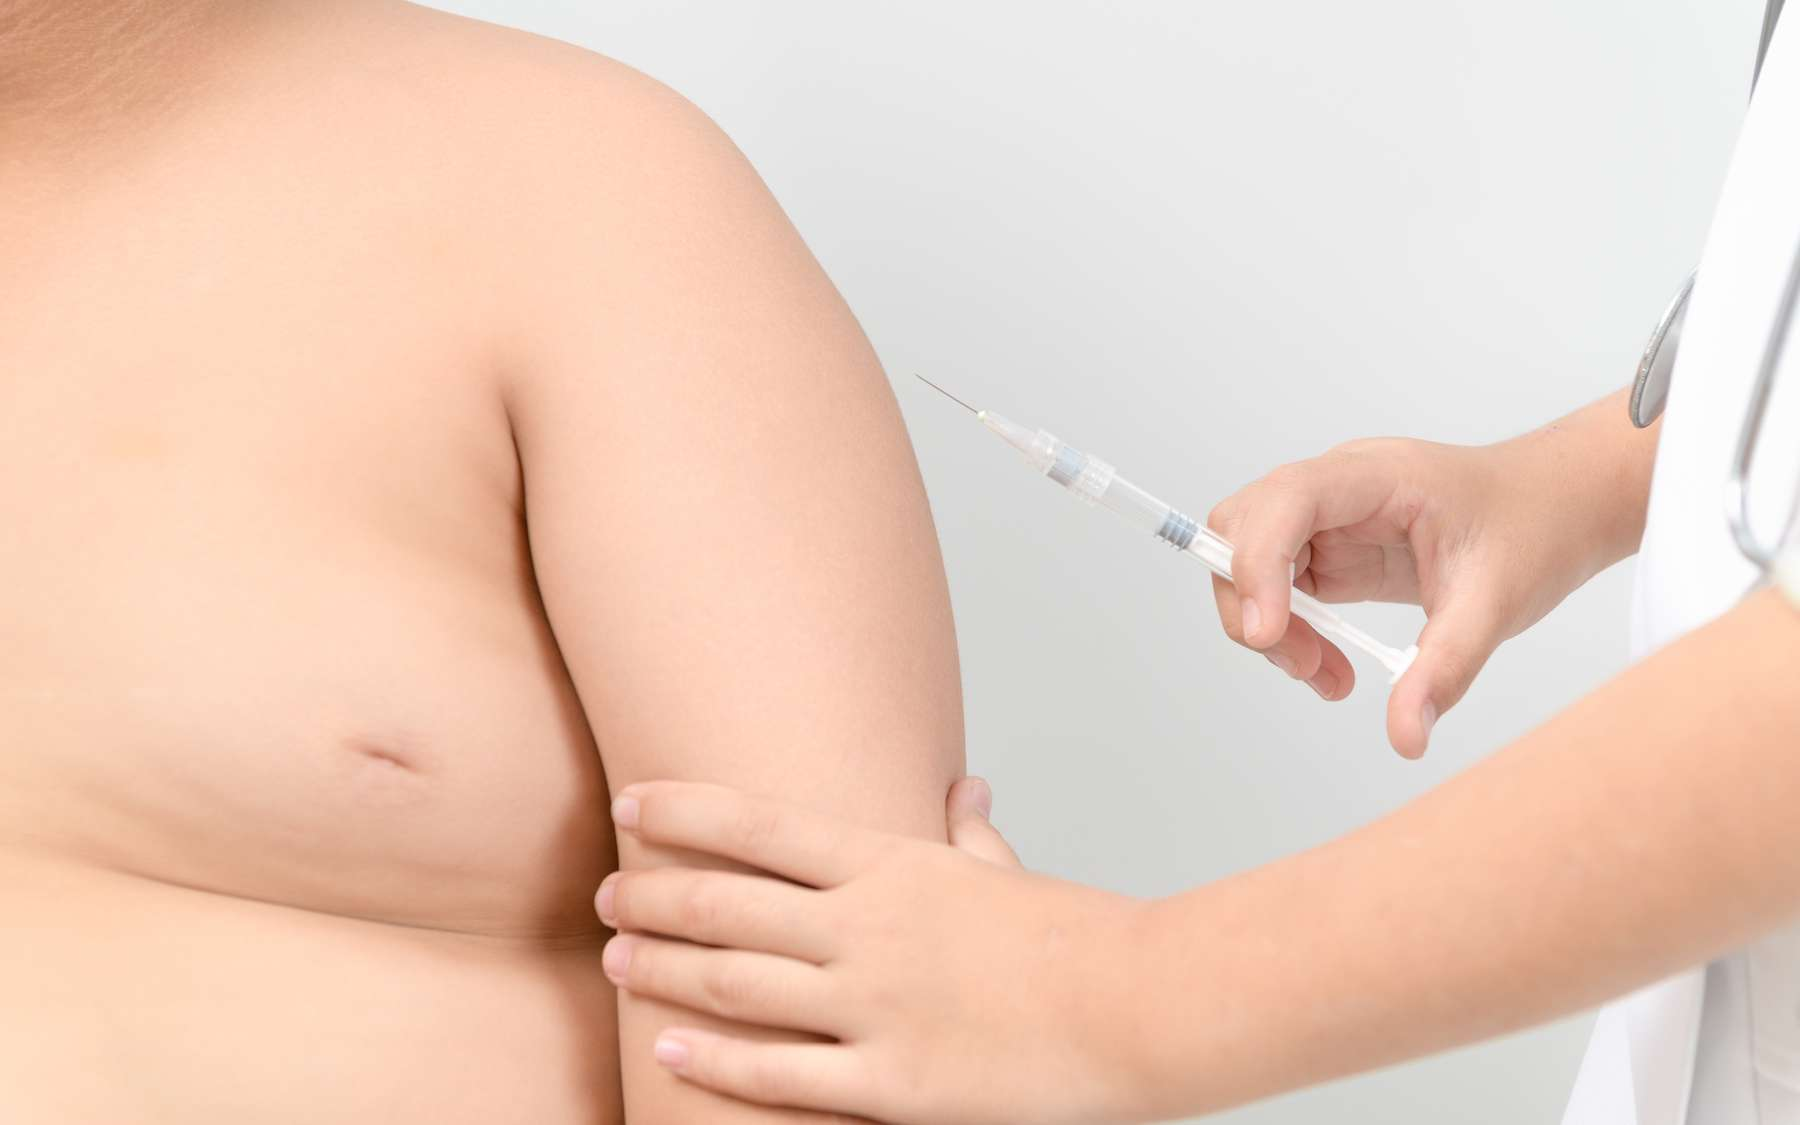 Les personnes obèses sont plus susceptibles de tomber malades même lorsqu'elles sont vaccinées. © kwanchaichaiudom, Adobe Stock